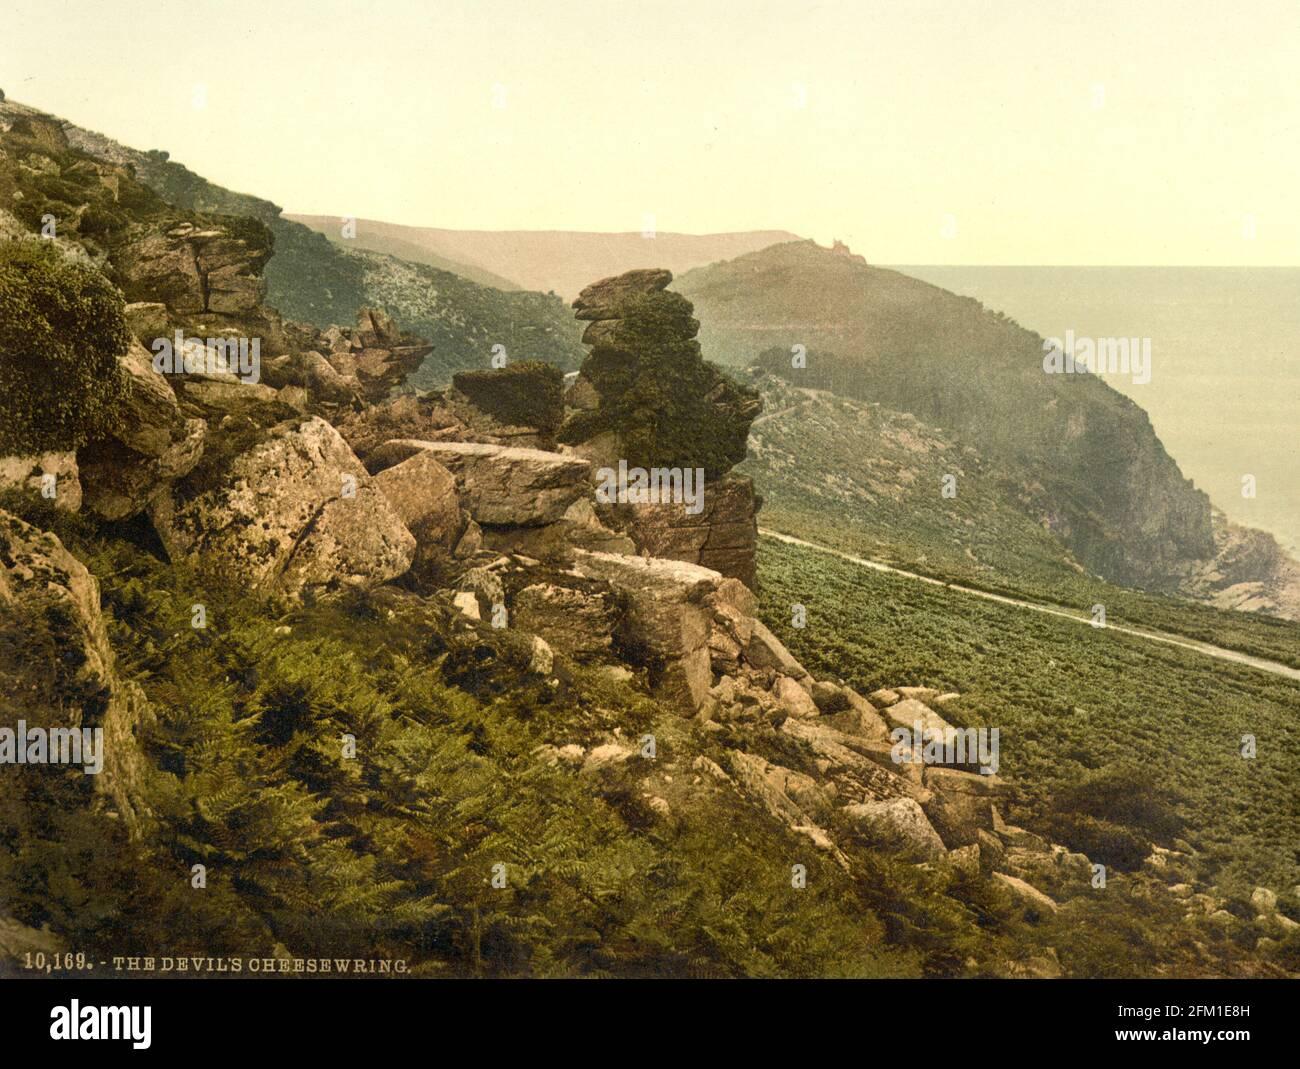 Le Devil's Cheese wring dans la Vallée des rochers Exmoor près de Lynton dans le Devon vers 1890-1900 Banque D'Images